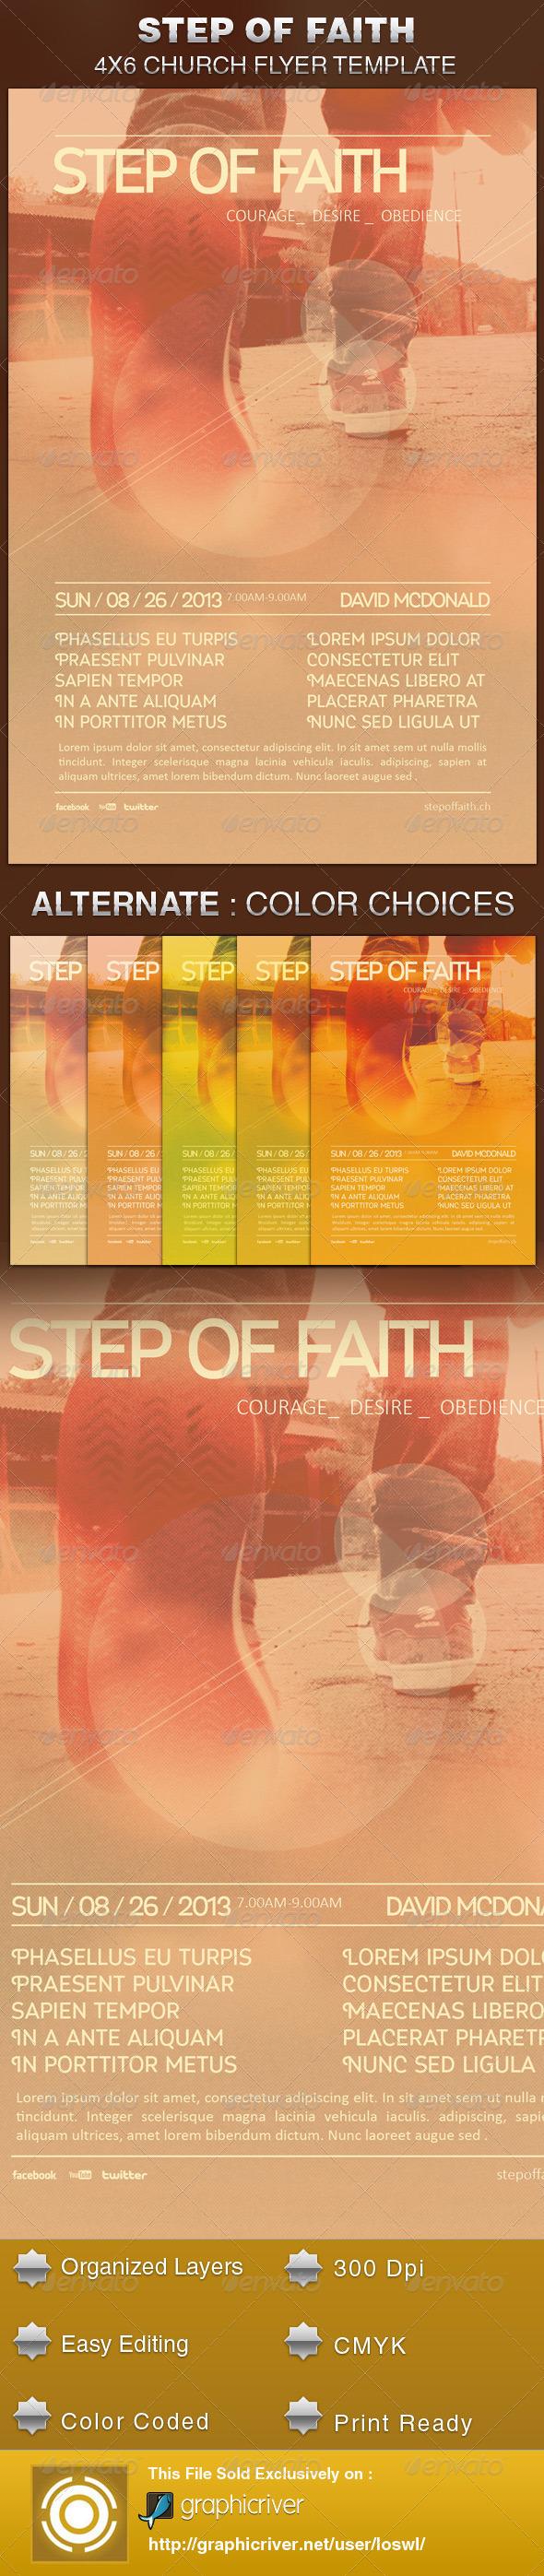 Step of Faith Church Flyer Template